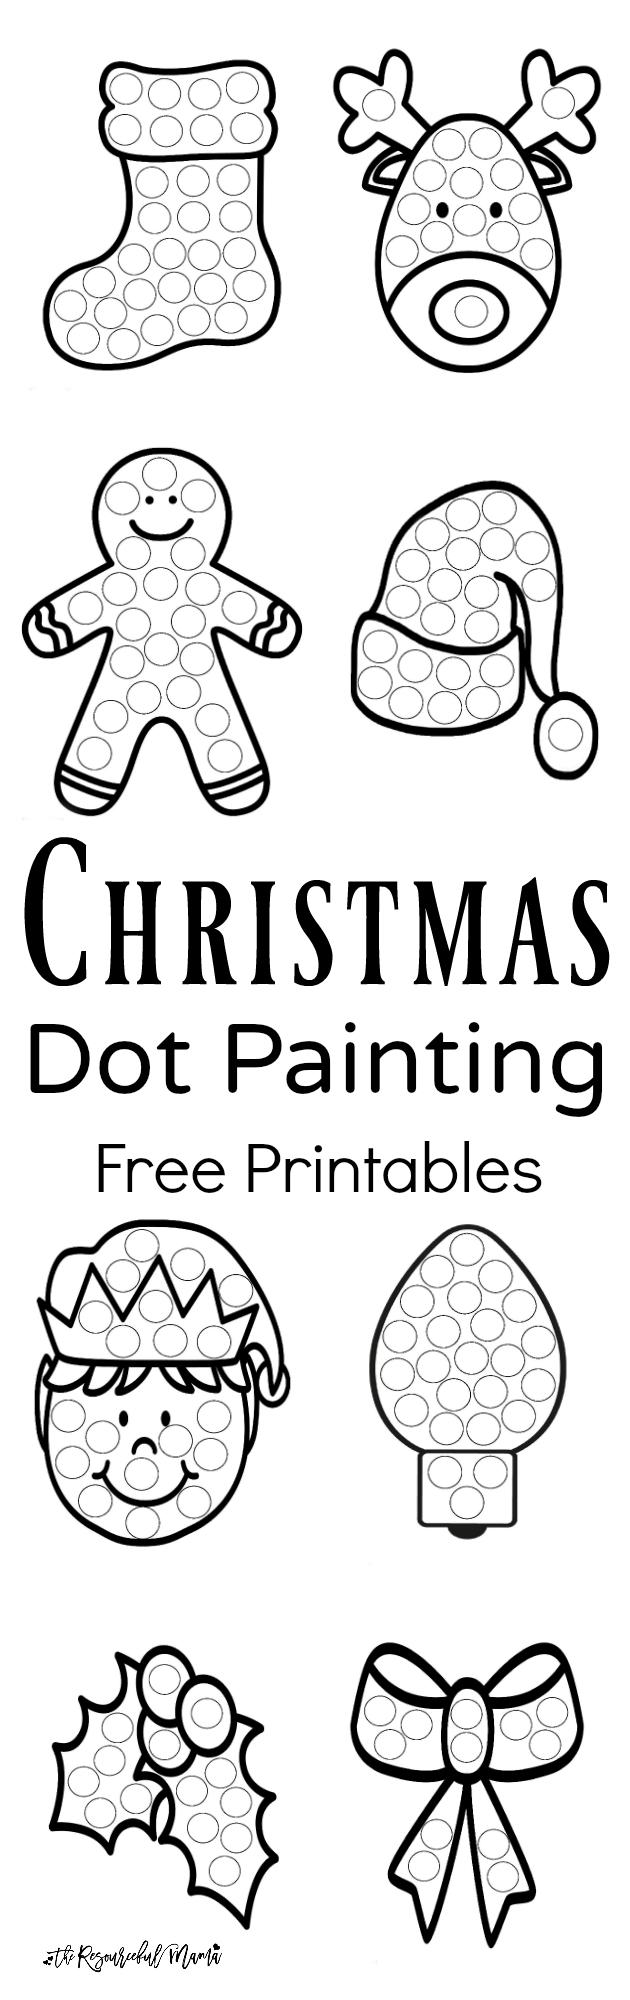 Christmas Dot Painting {Free Printables} | Christmas! | Christmas - Free Dot Painting Printables